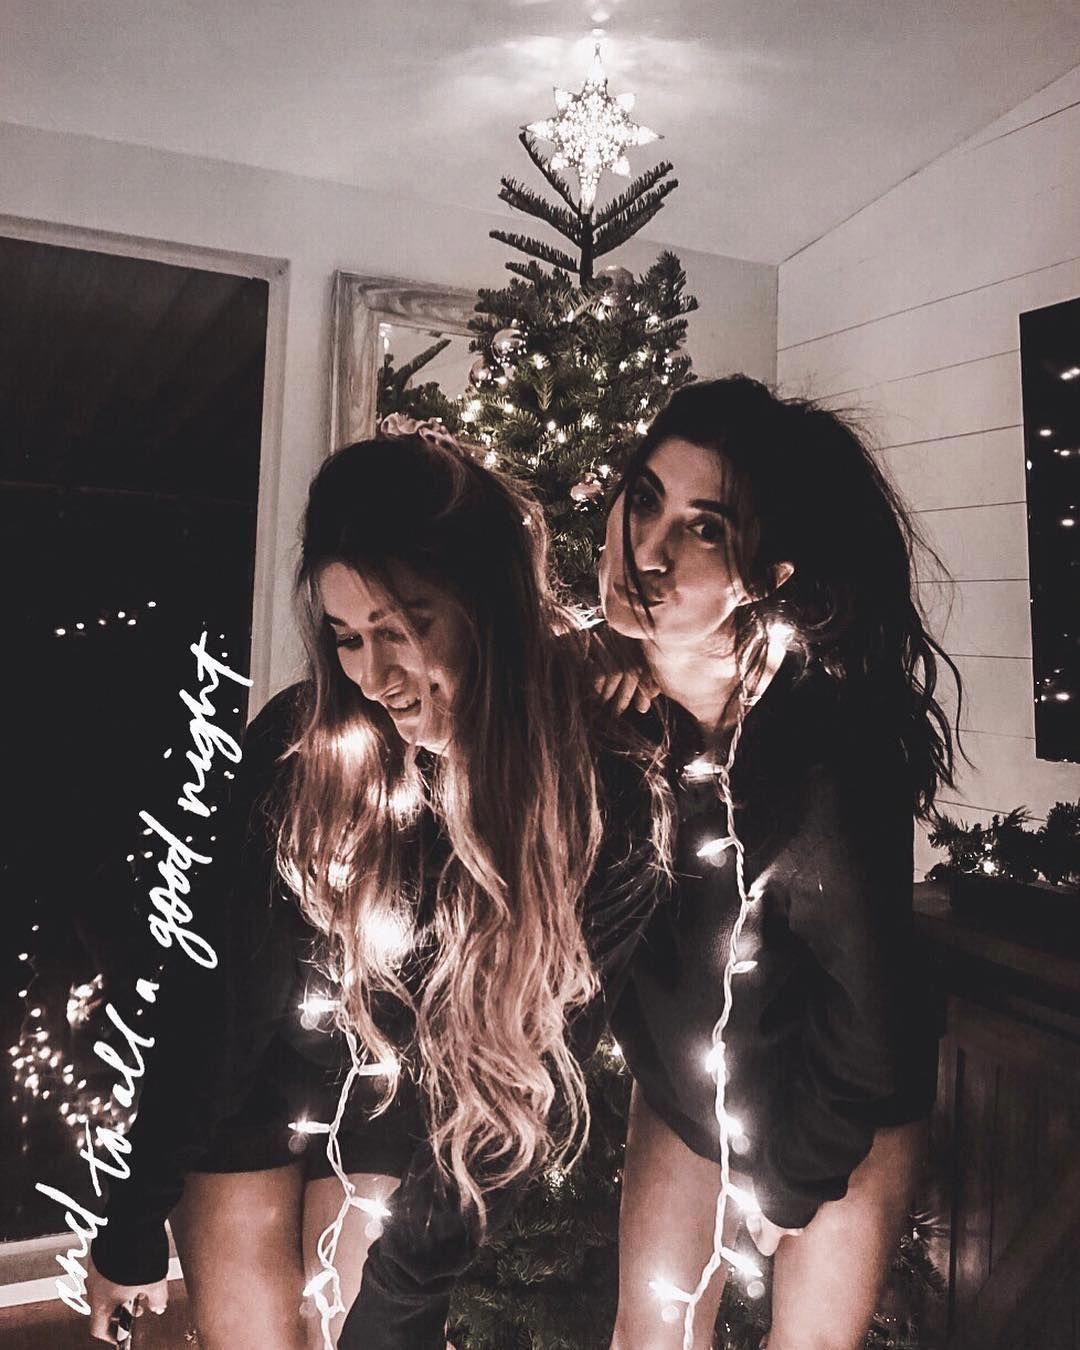 Christmas Lights Christmas Cute Photo And To All A Good Night Quote And To All A Good Night Friend Photoshoot Christmas Photoshoot Friends Photography